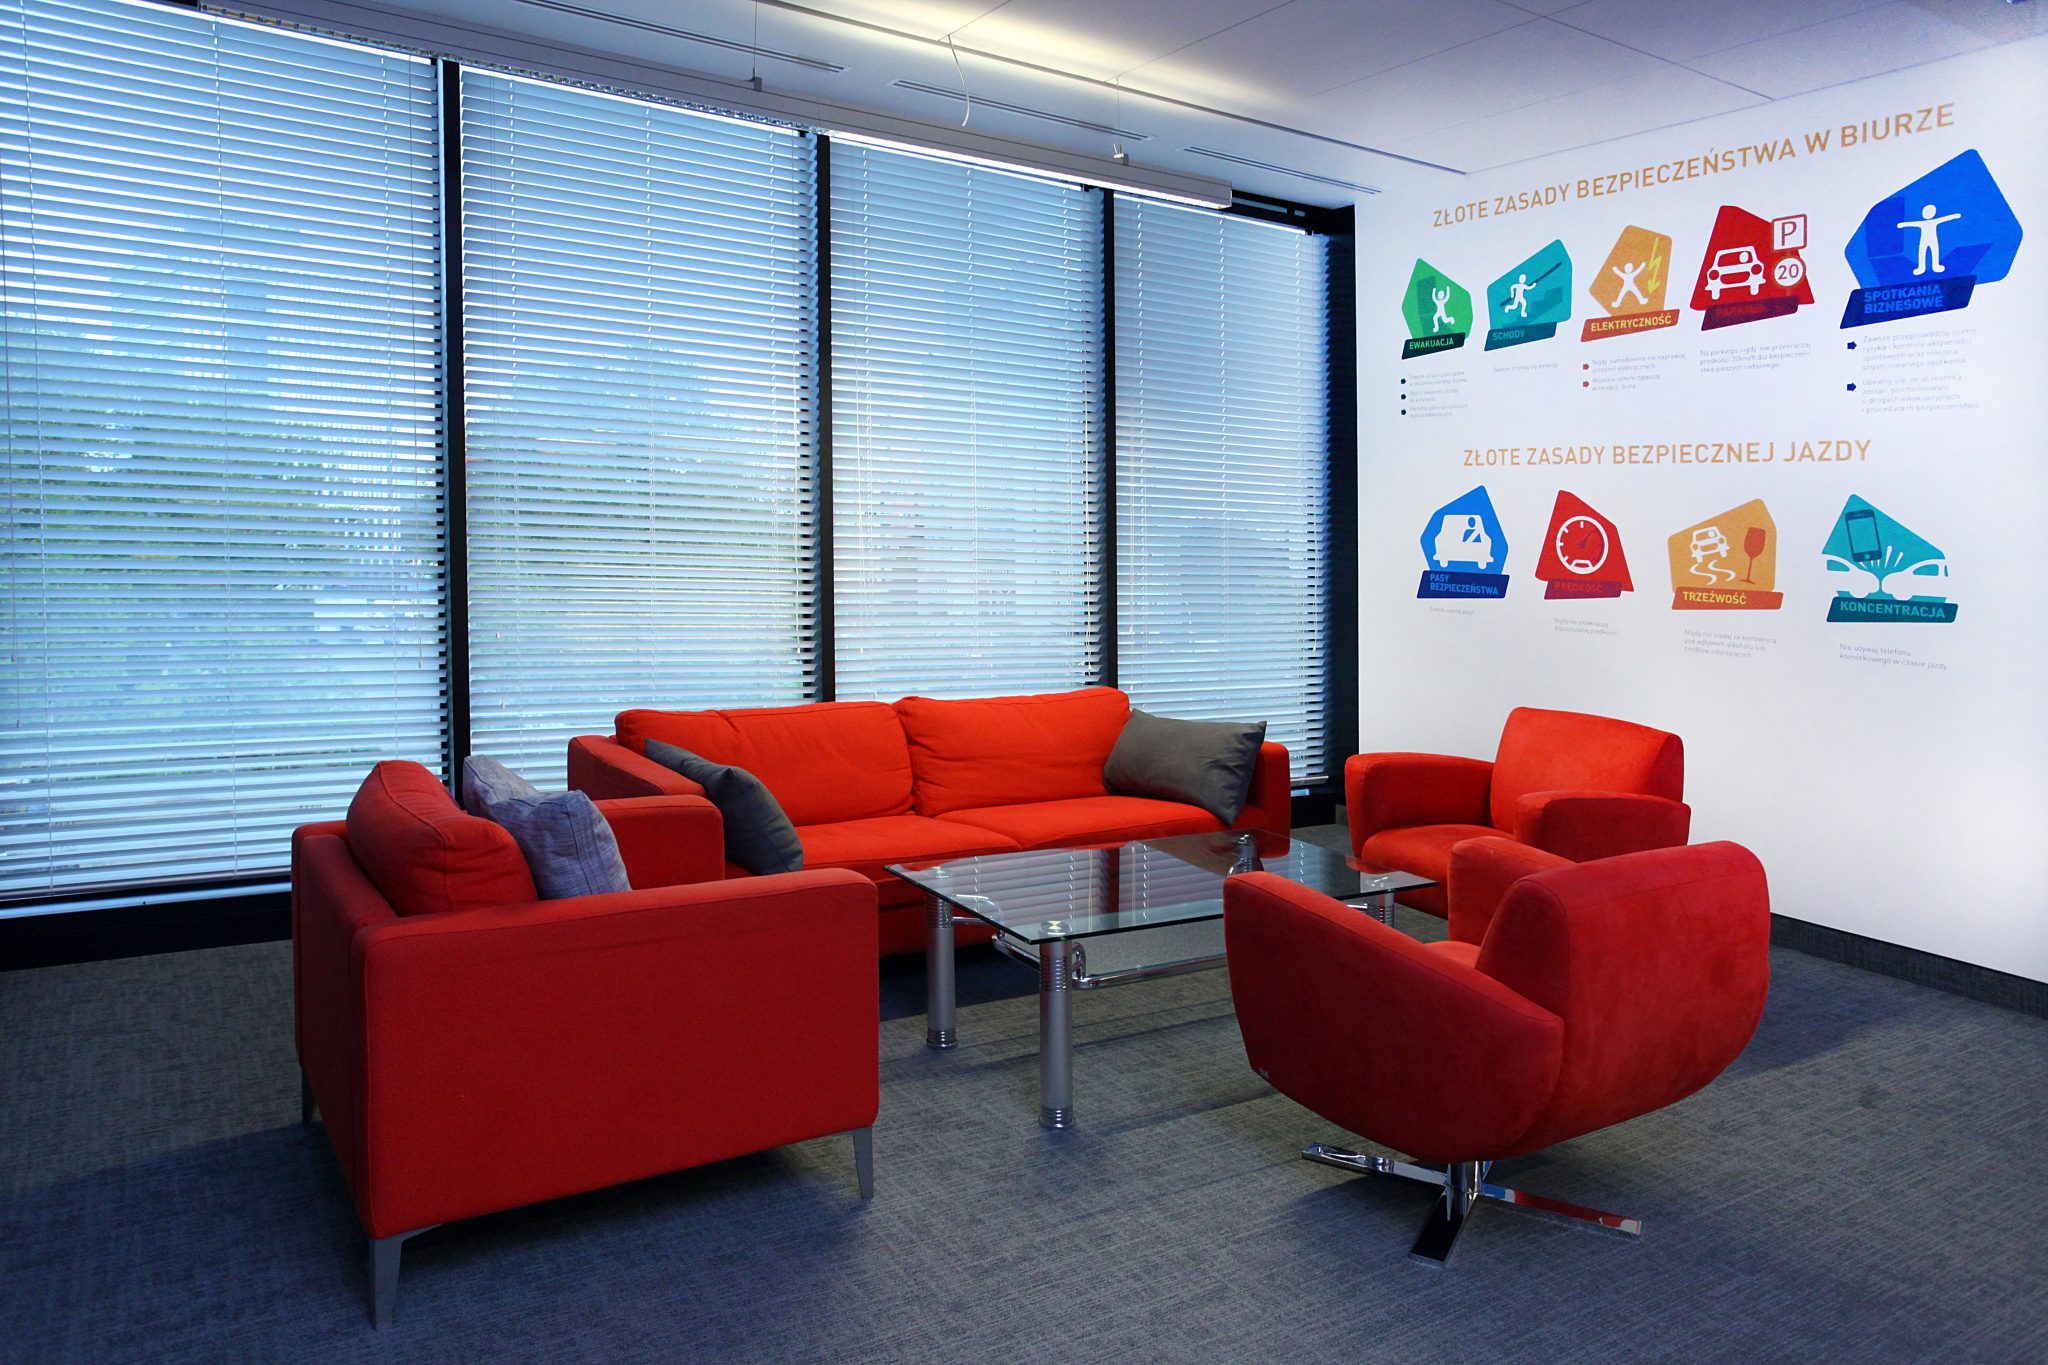 Unilever zasady_bezpieczenstwa_biuro_glowne wywiad SEKA SA bhp